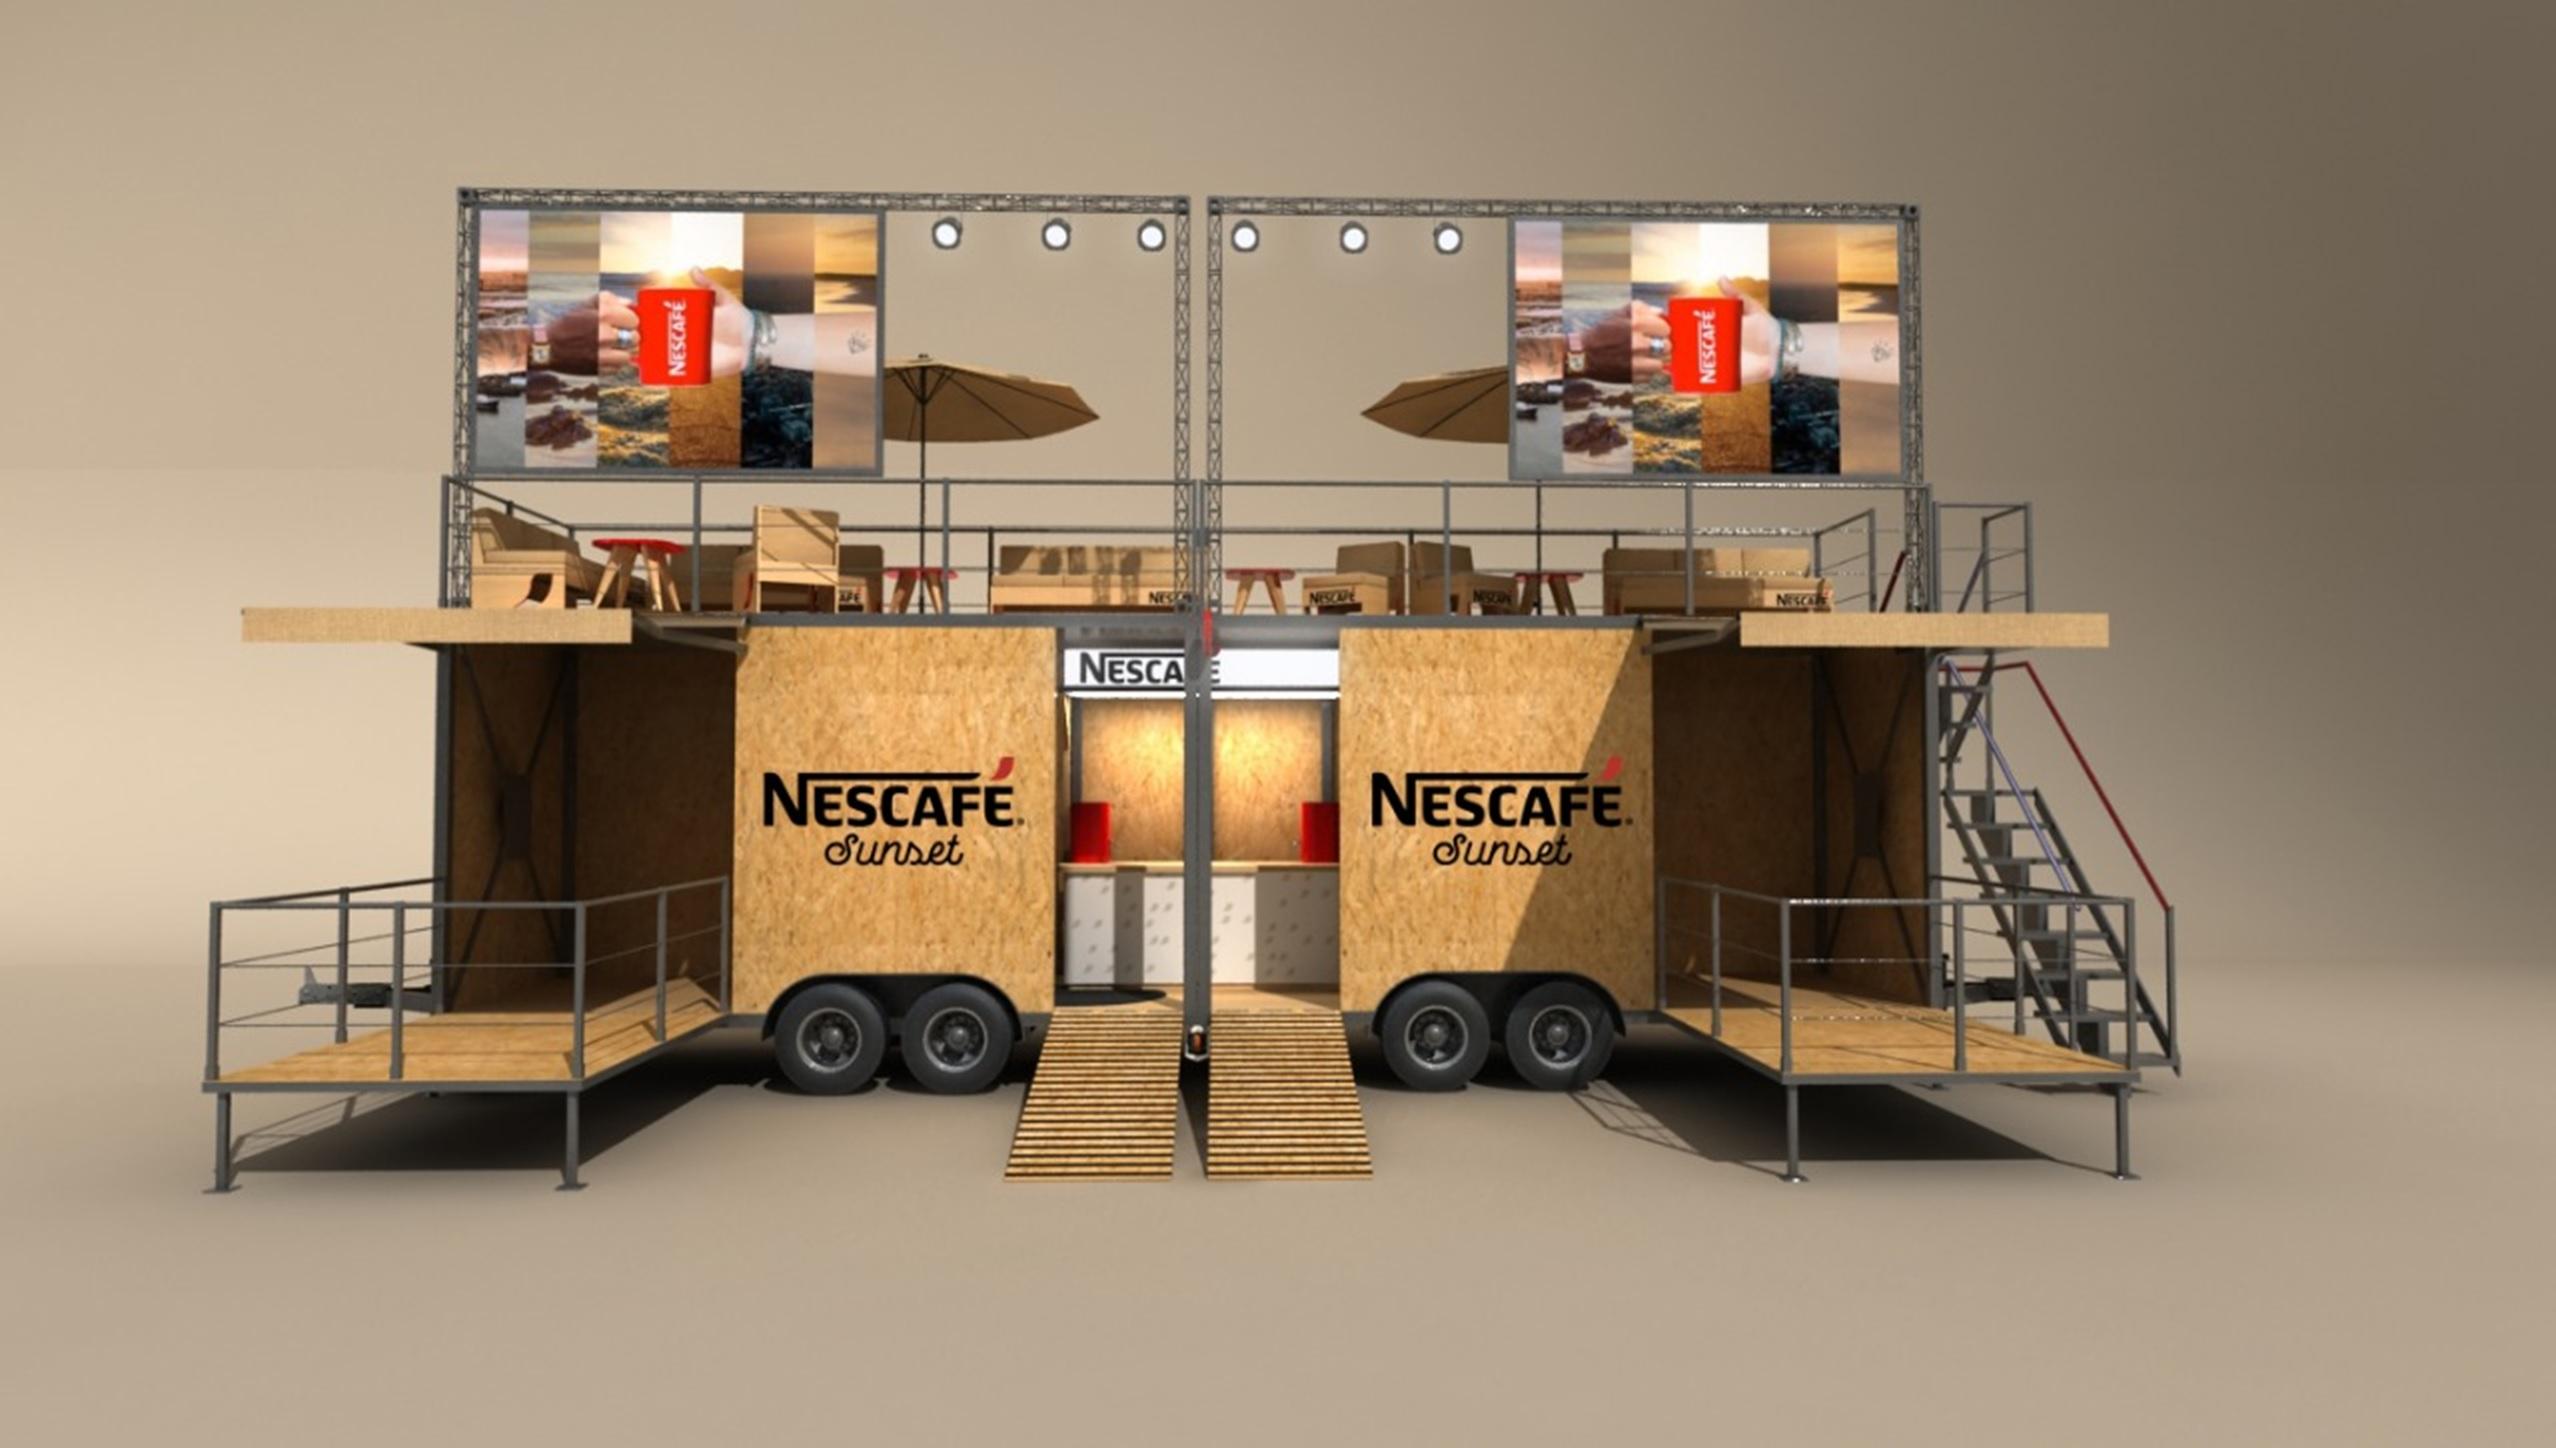 Nescafe reunirá a veraneantes en el primer Sunset 100% sustentable del país.